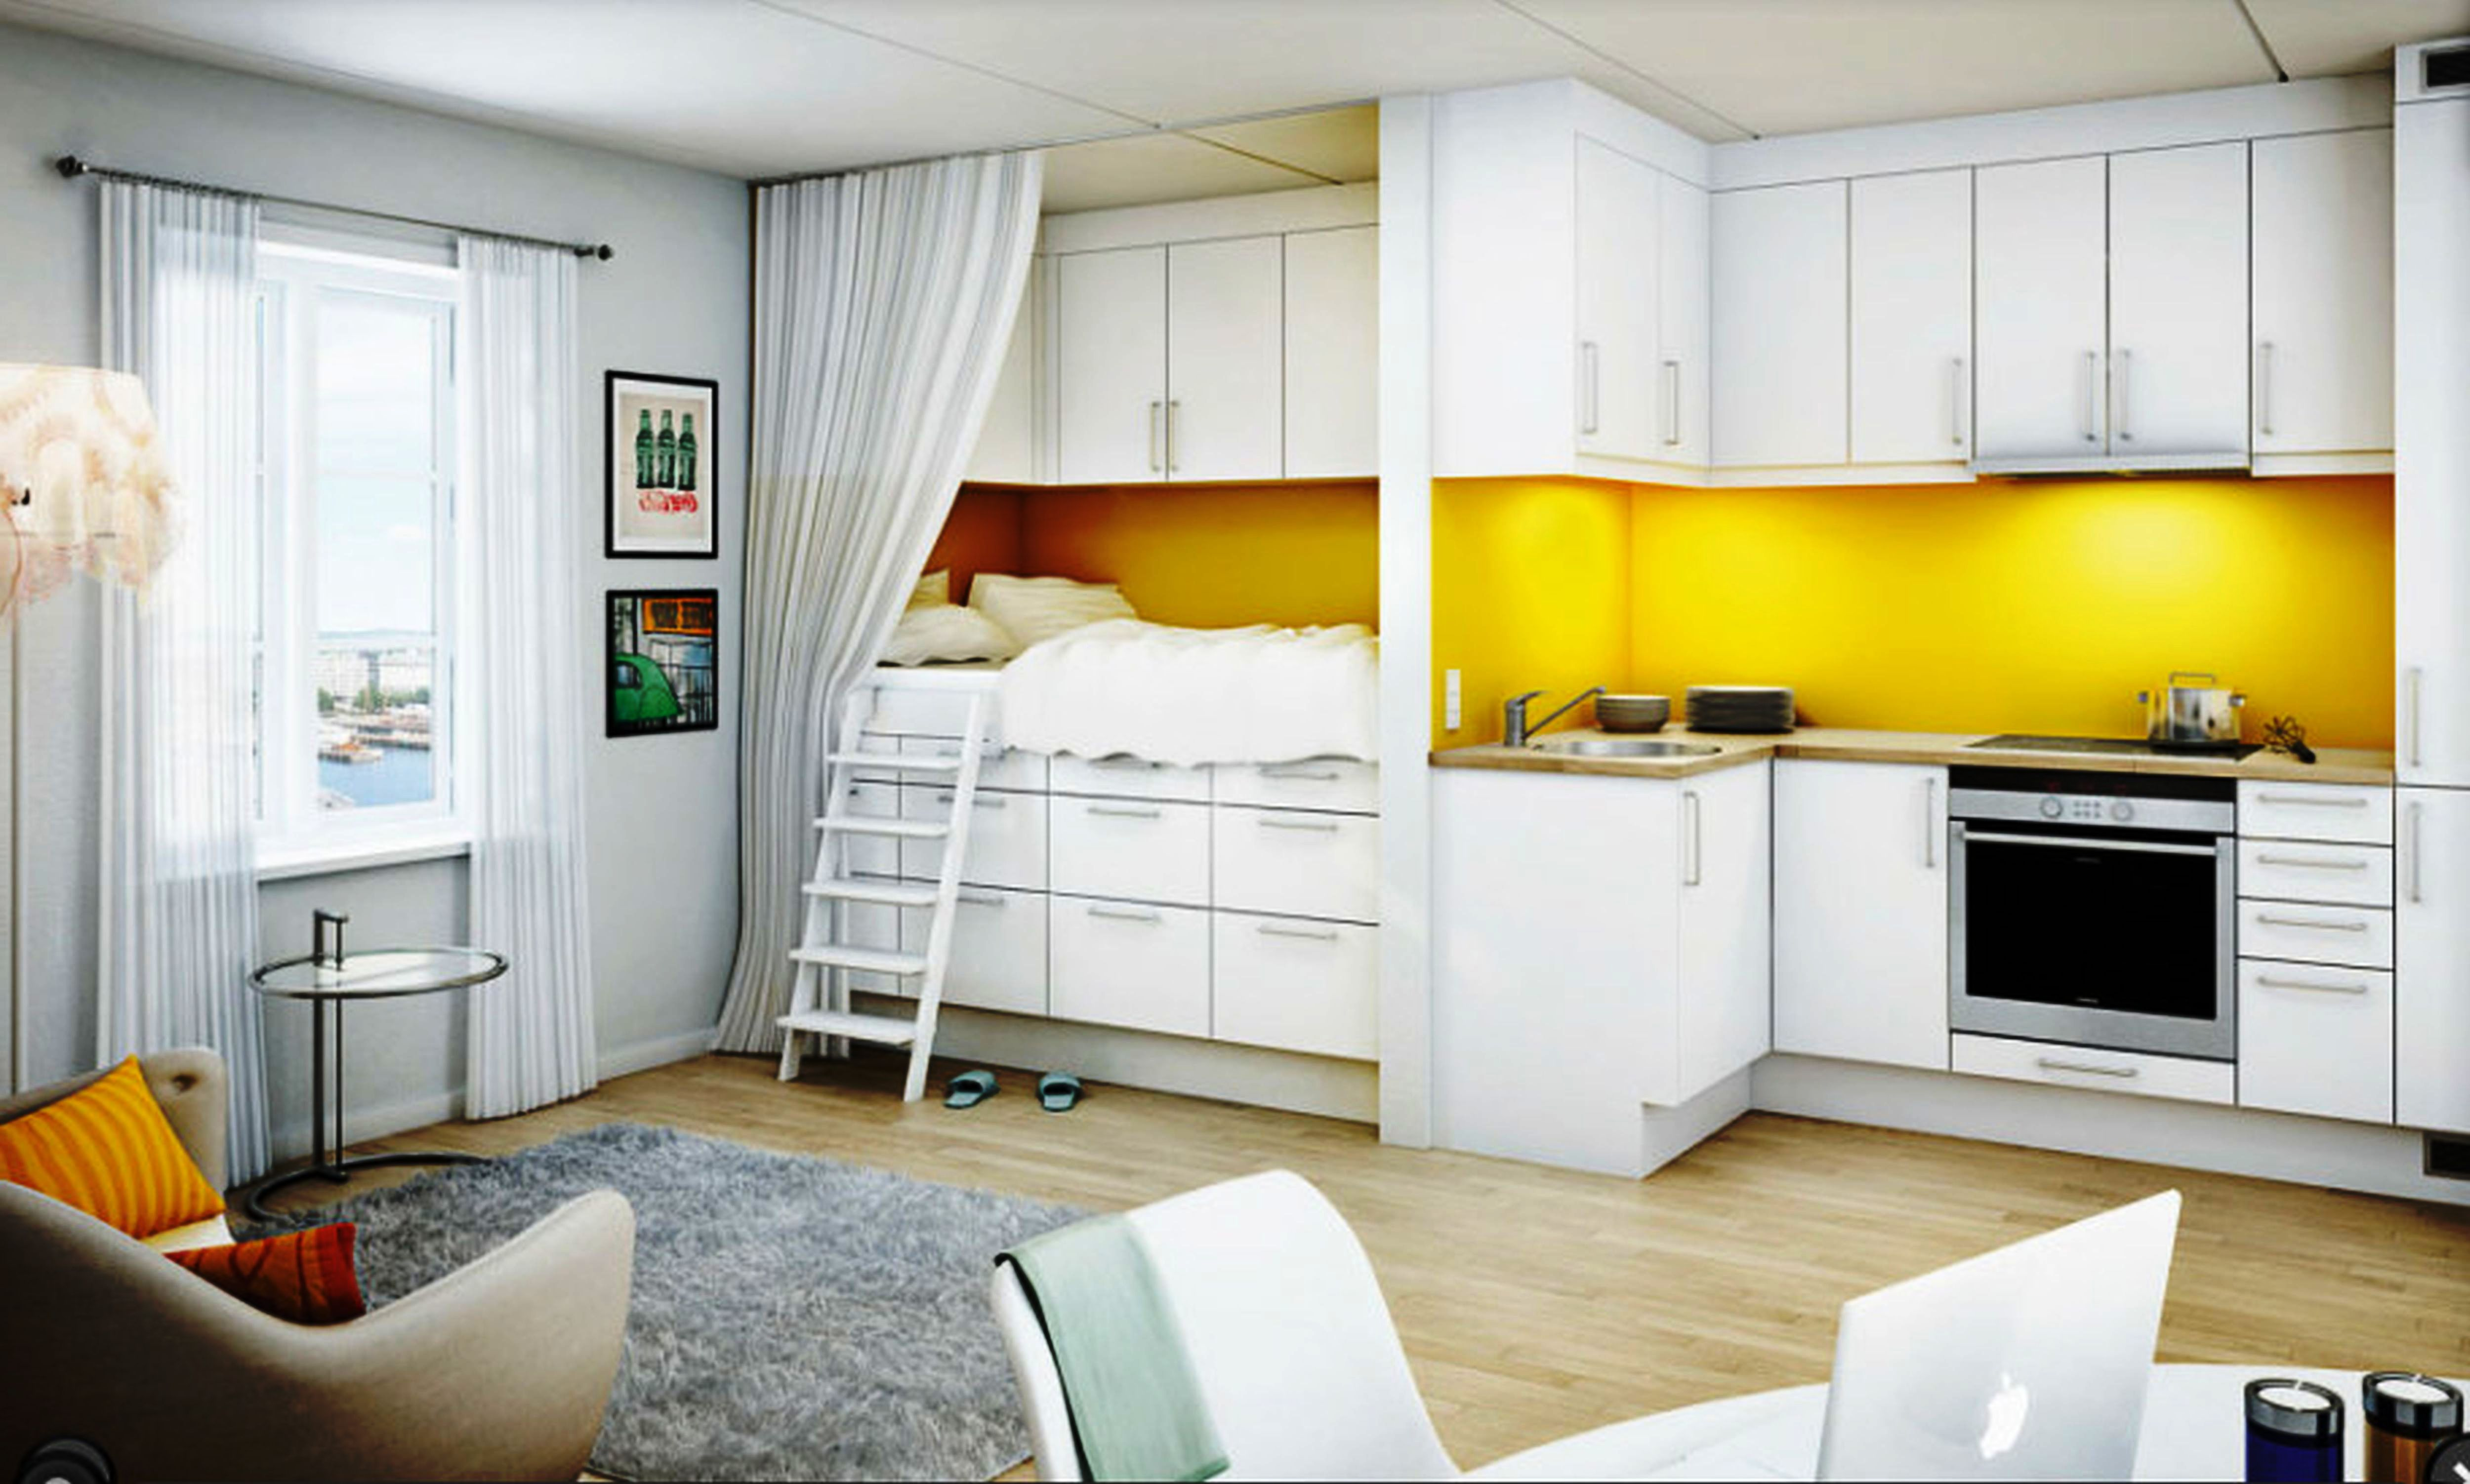 Как правило дизайн квартиры-студии 18 кв. м предполагает отсутствие перегородки между кухней и основным жилым пространством